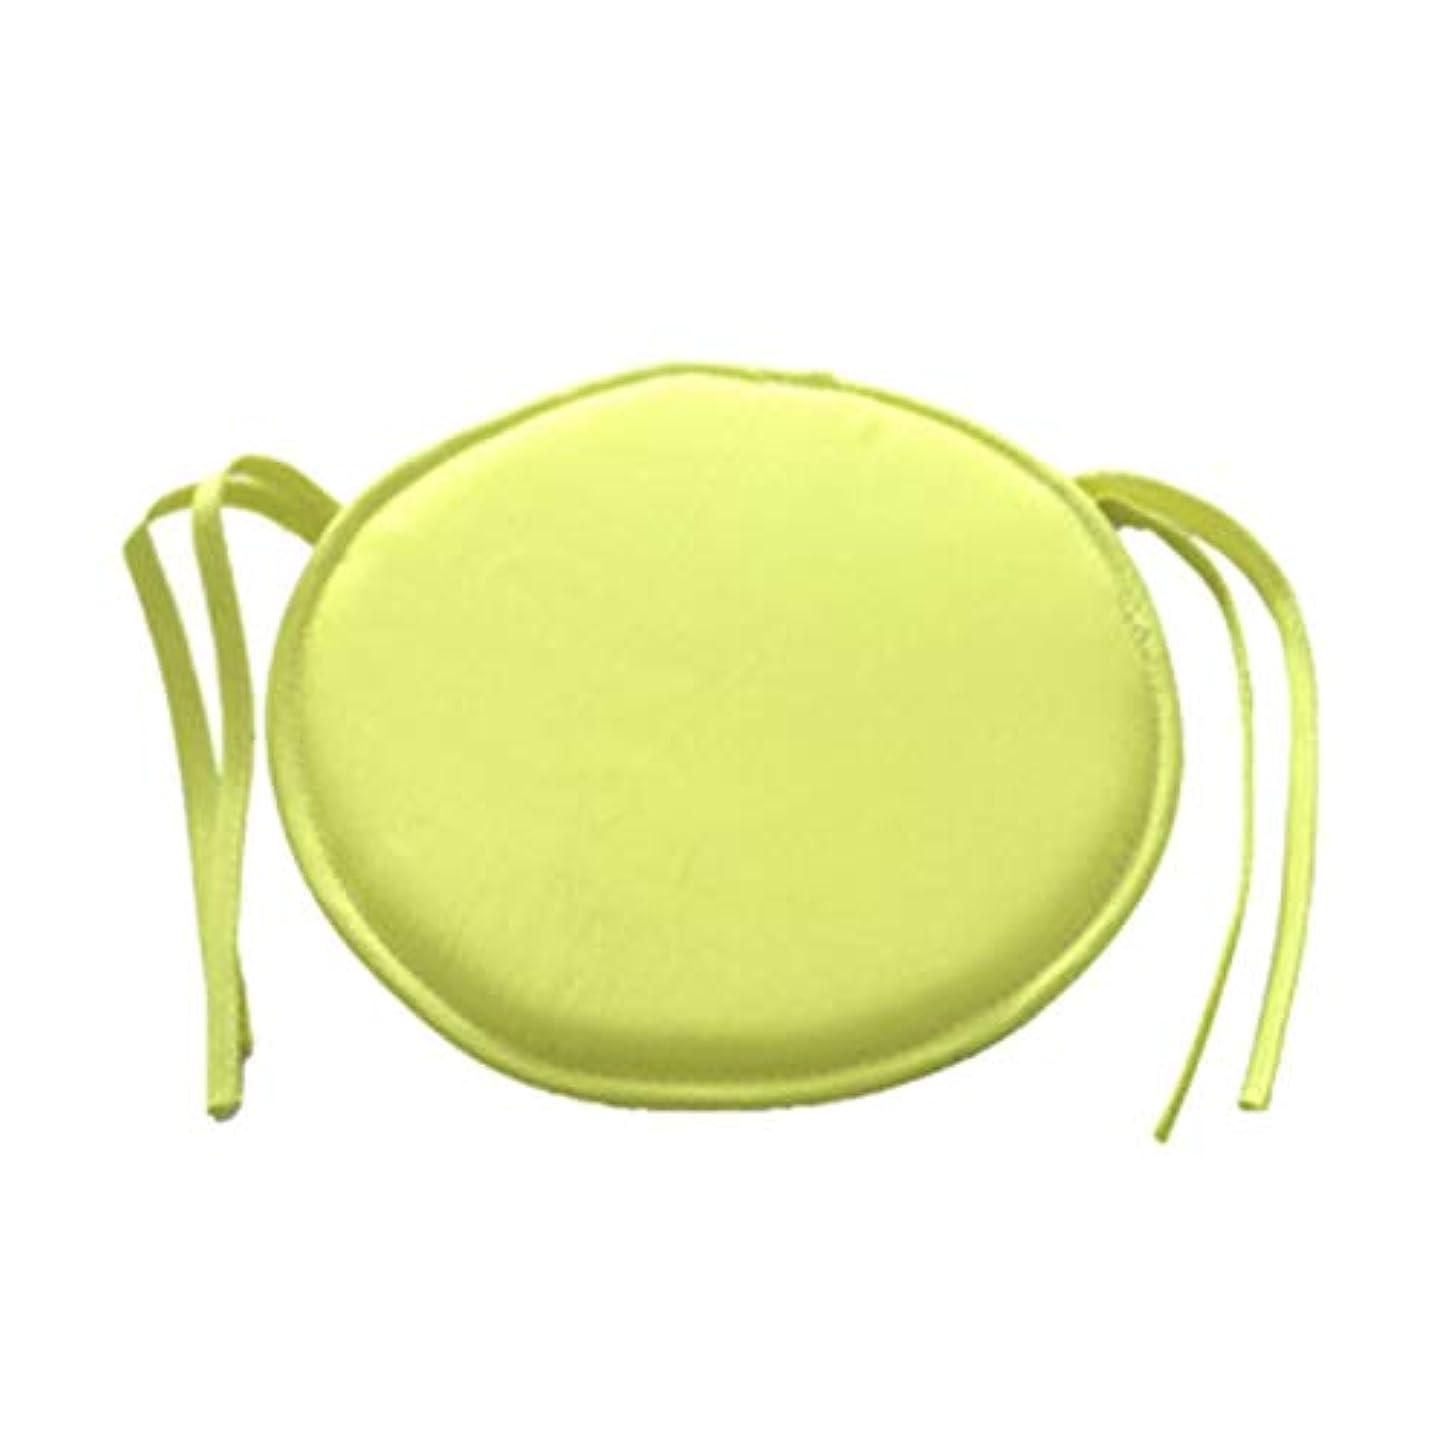 不倫ディスパッチ眠いですSMART ホット販売ラウンドチェアクッション屋内ポップパティオオフィスチェアシートパッドネクタイスクエアガーデンキッチンダイニングクッション クッション 椅子